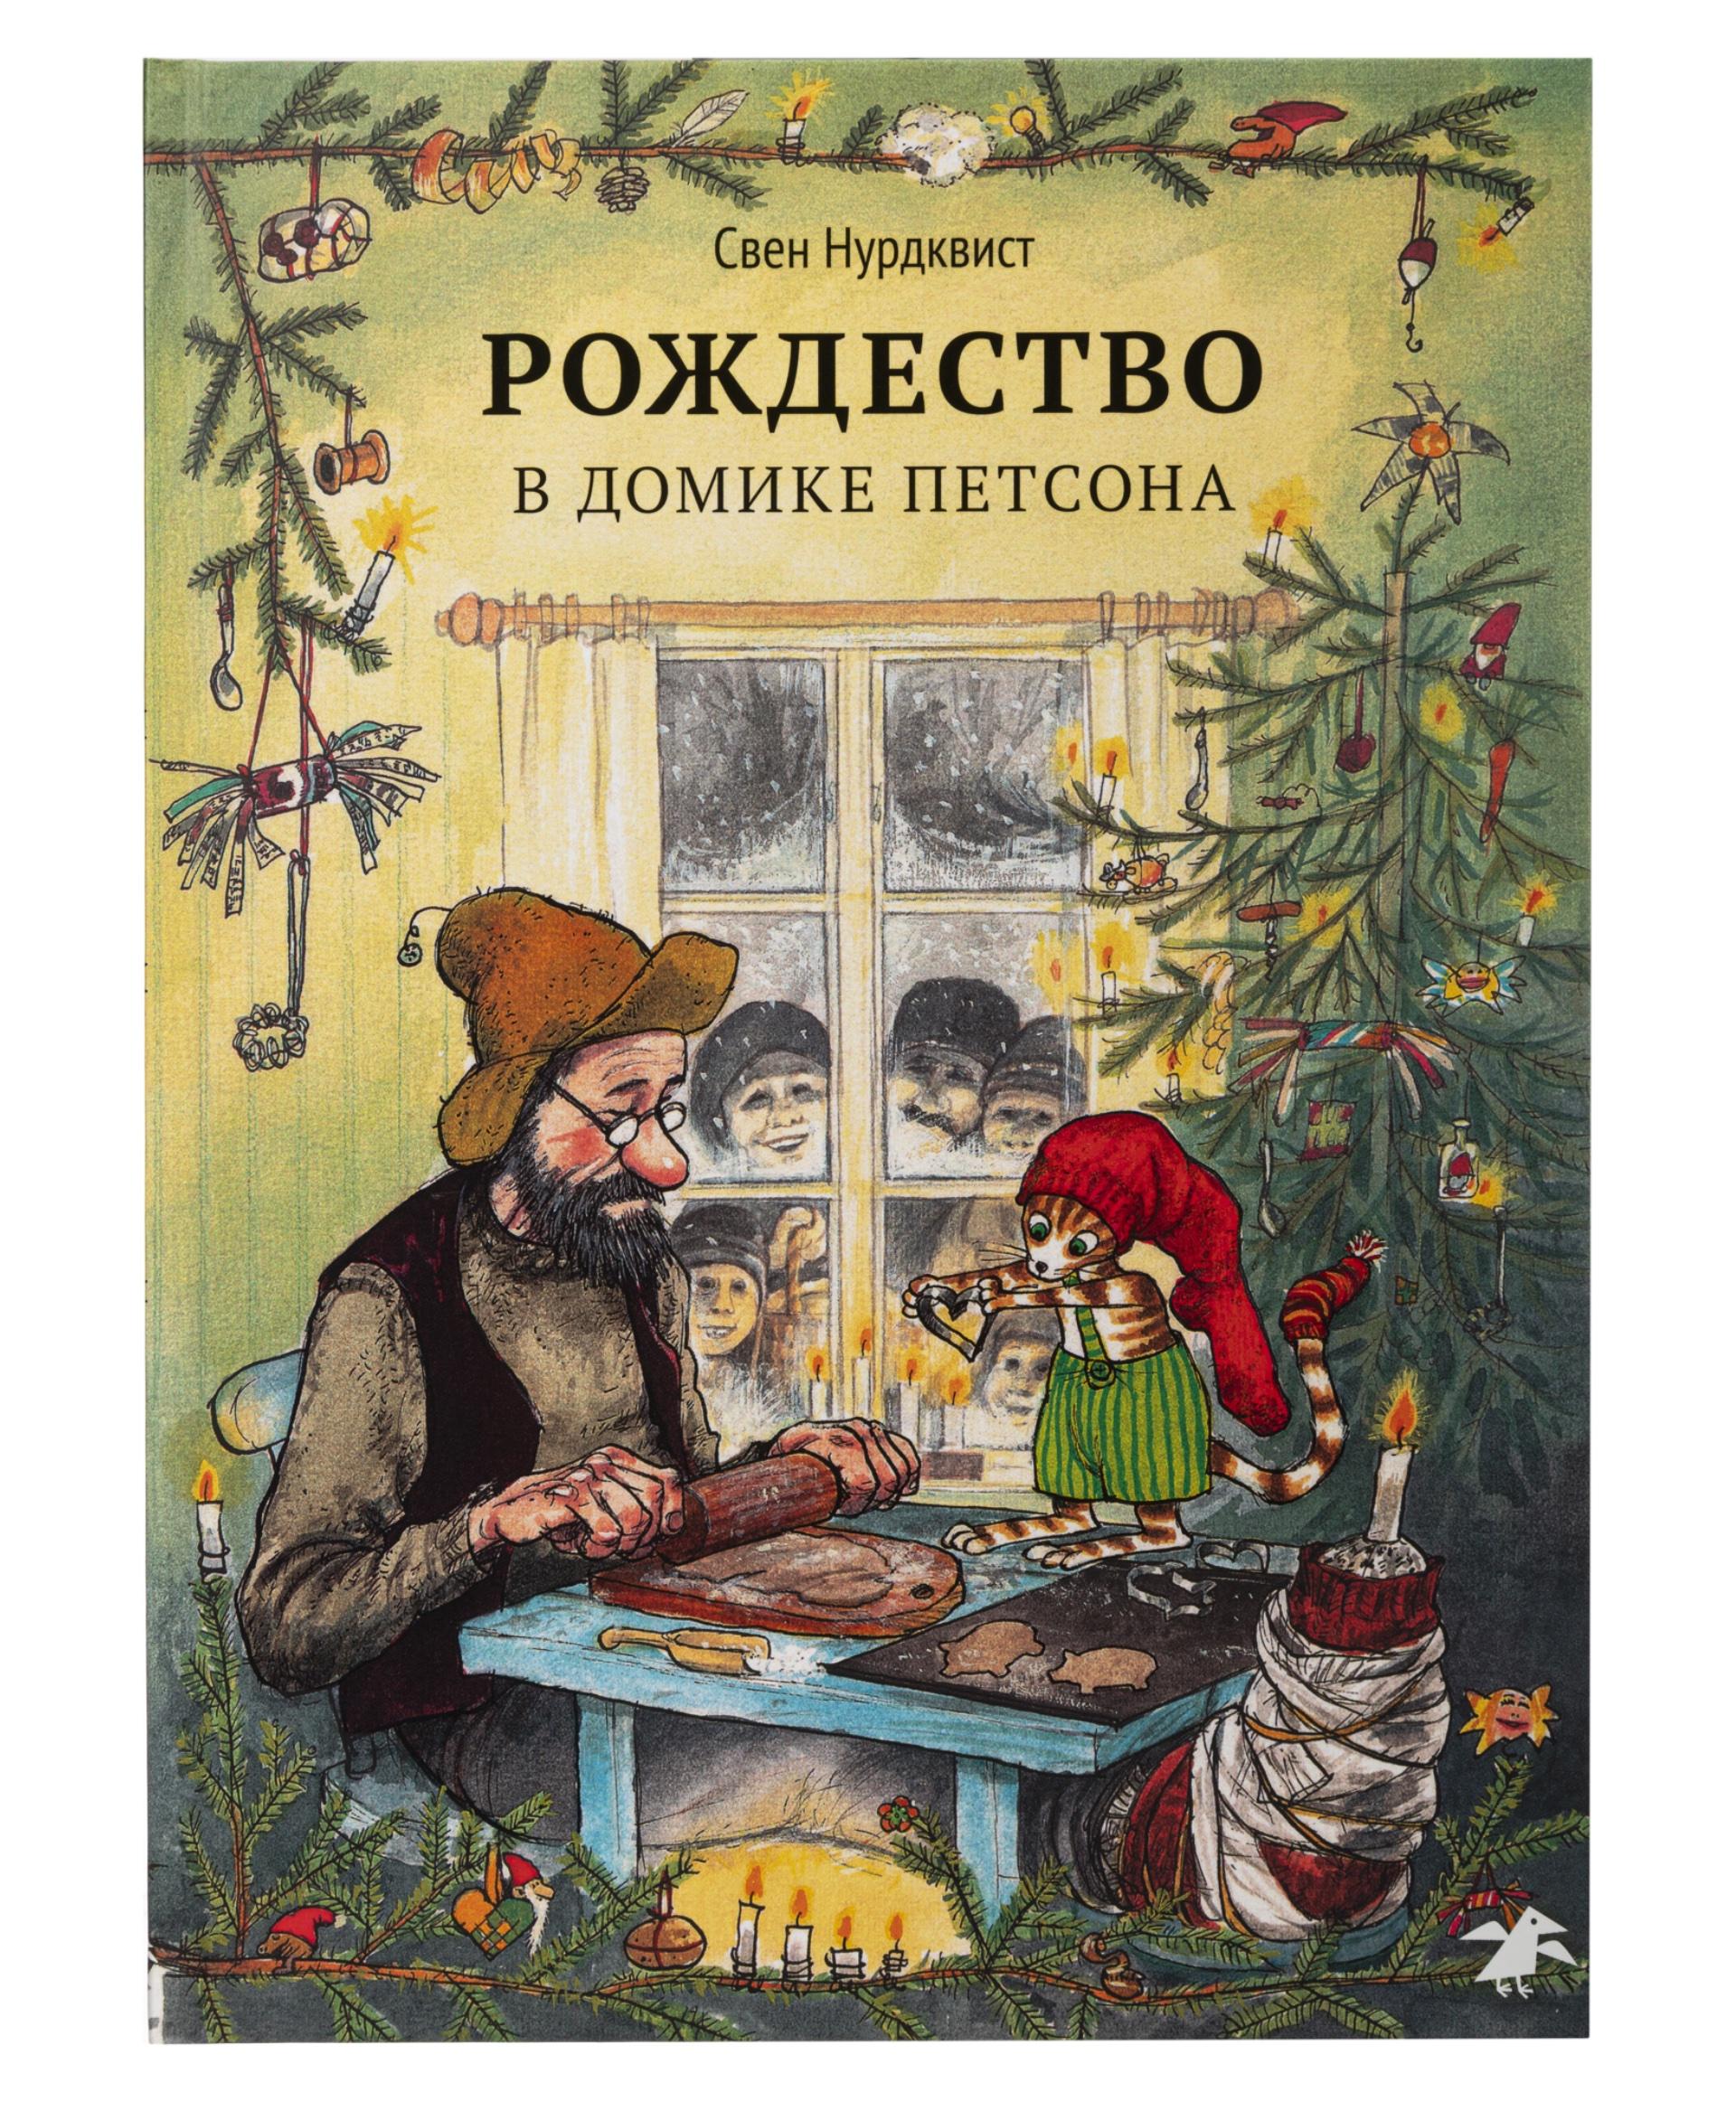 Белая Ворона книга 'Рождество в домике Петсона'